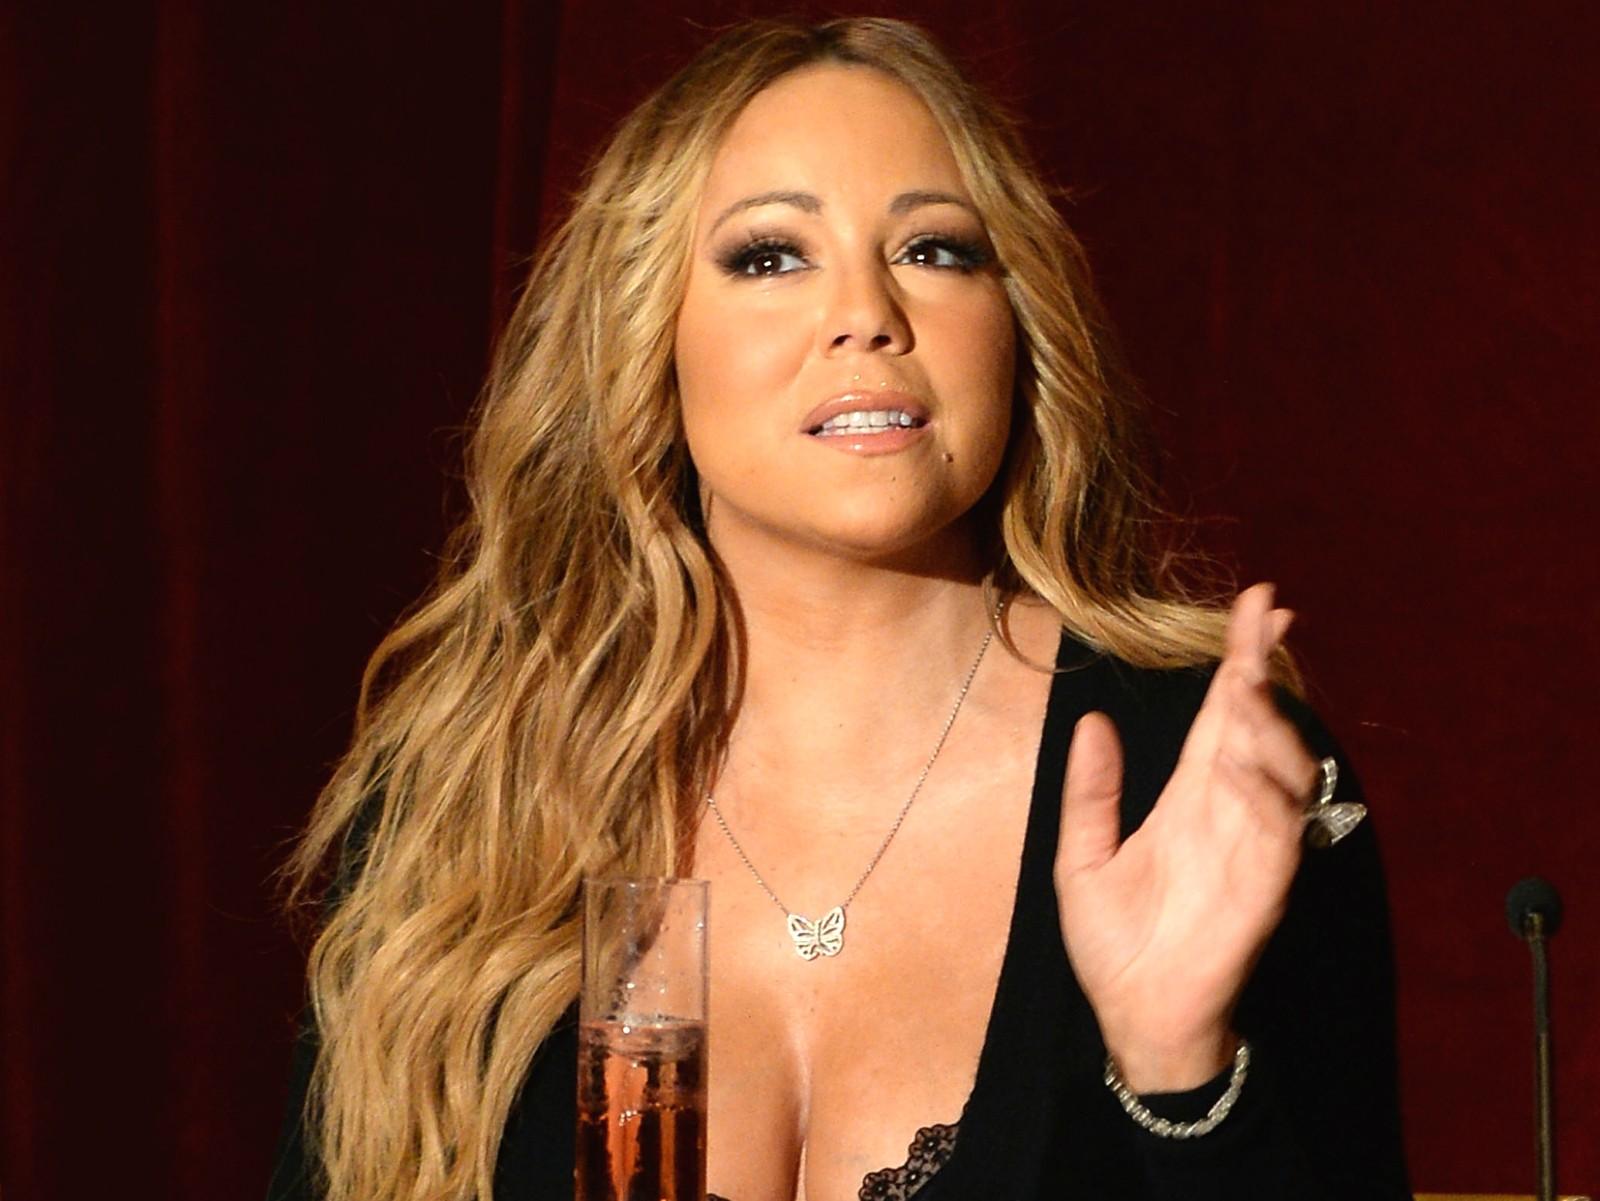 """""""Não frequentei nenhuma escola de música. Frequentei a p*rra da escola da vida"""" — Mariah Carey no 'American Idol' em 2013. (Foto: Getty Images)"""